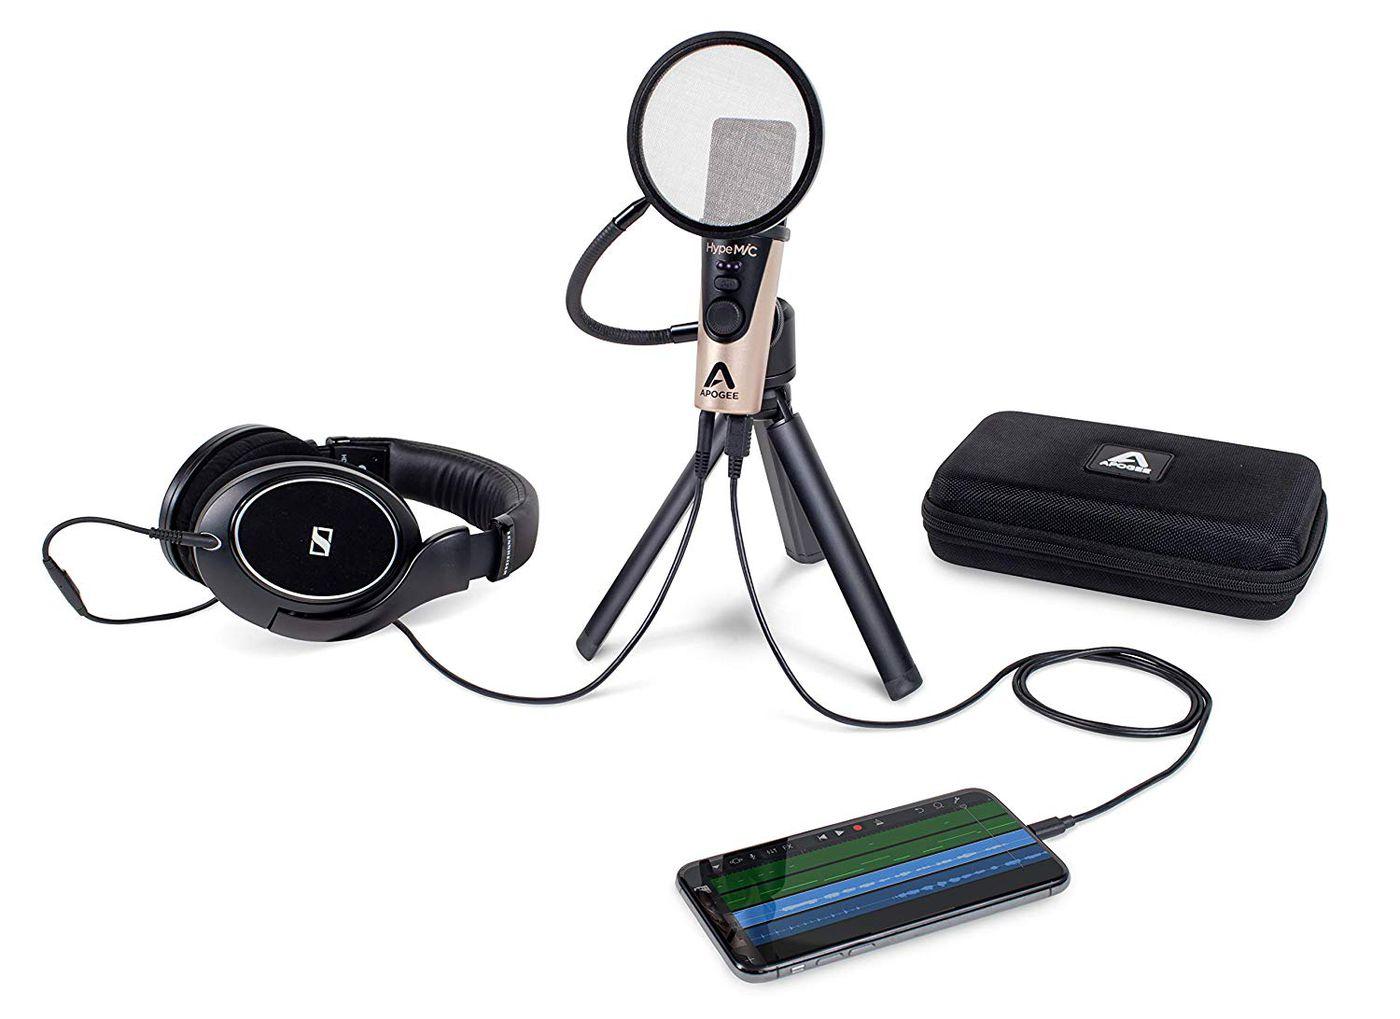 Microphone Apogee HypeMiC se connecte facilement avec un androïde